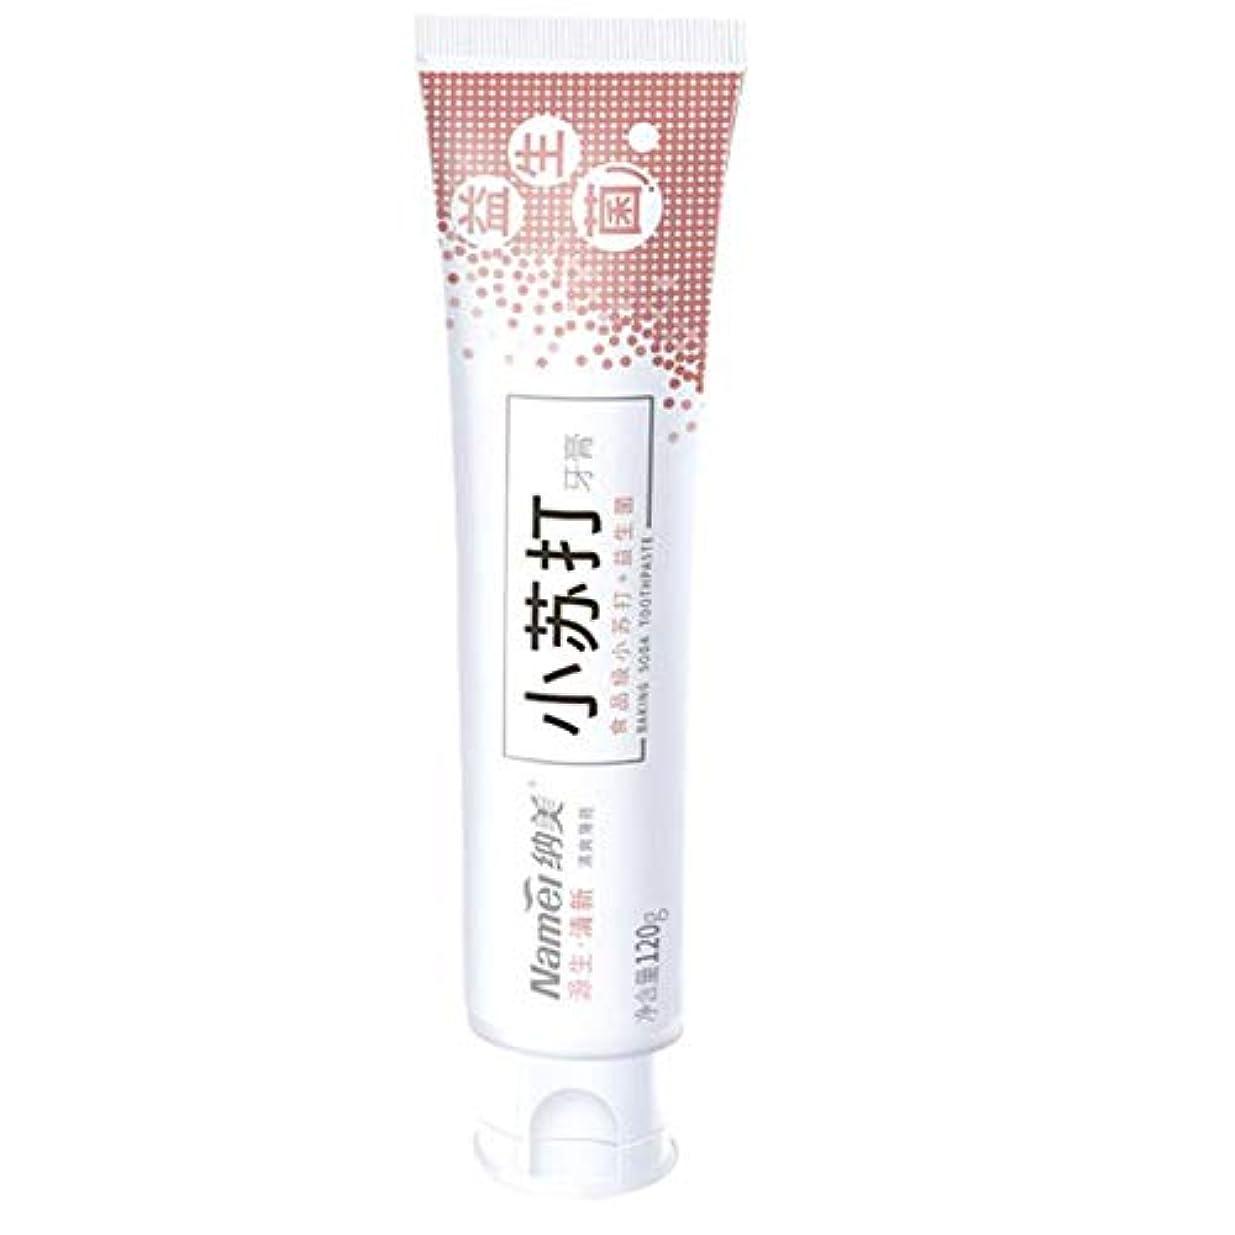 陪審ある解き明かすCalloy クリア 汚れ クリーン 歯 歯磨き粉 歯茎を守る 海塩 美白 歯磨き粉 120g